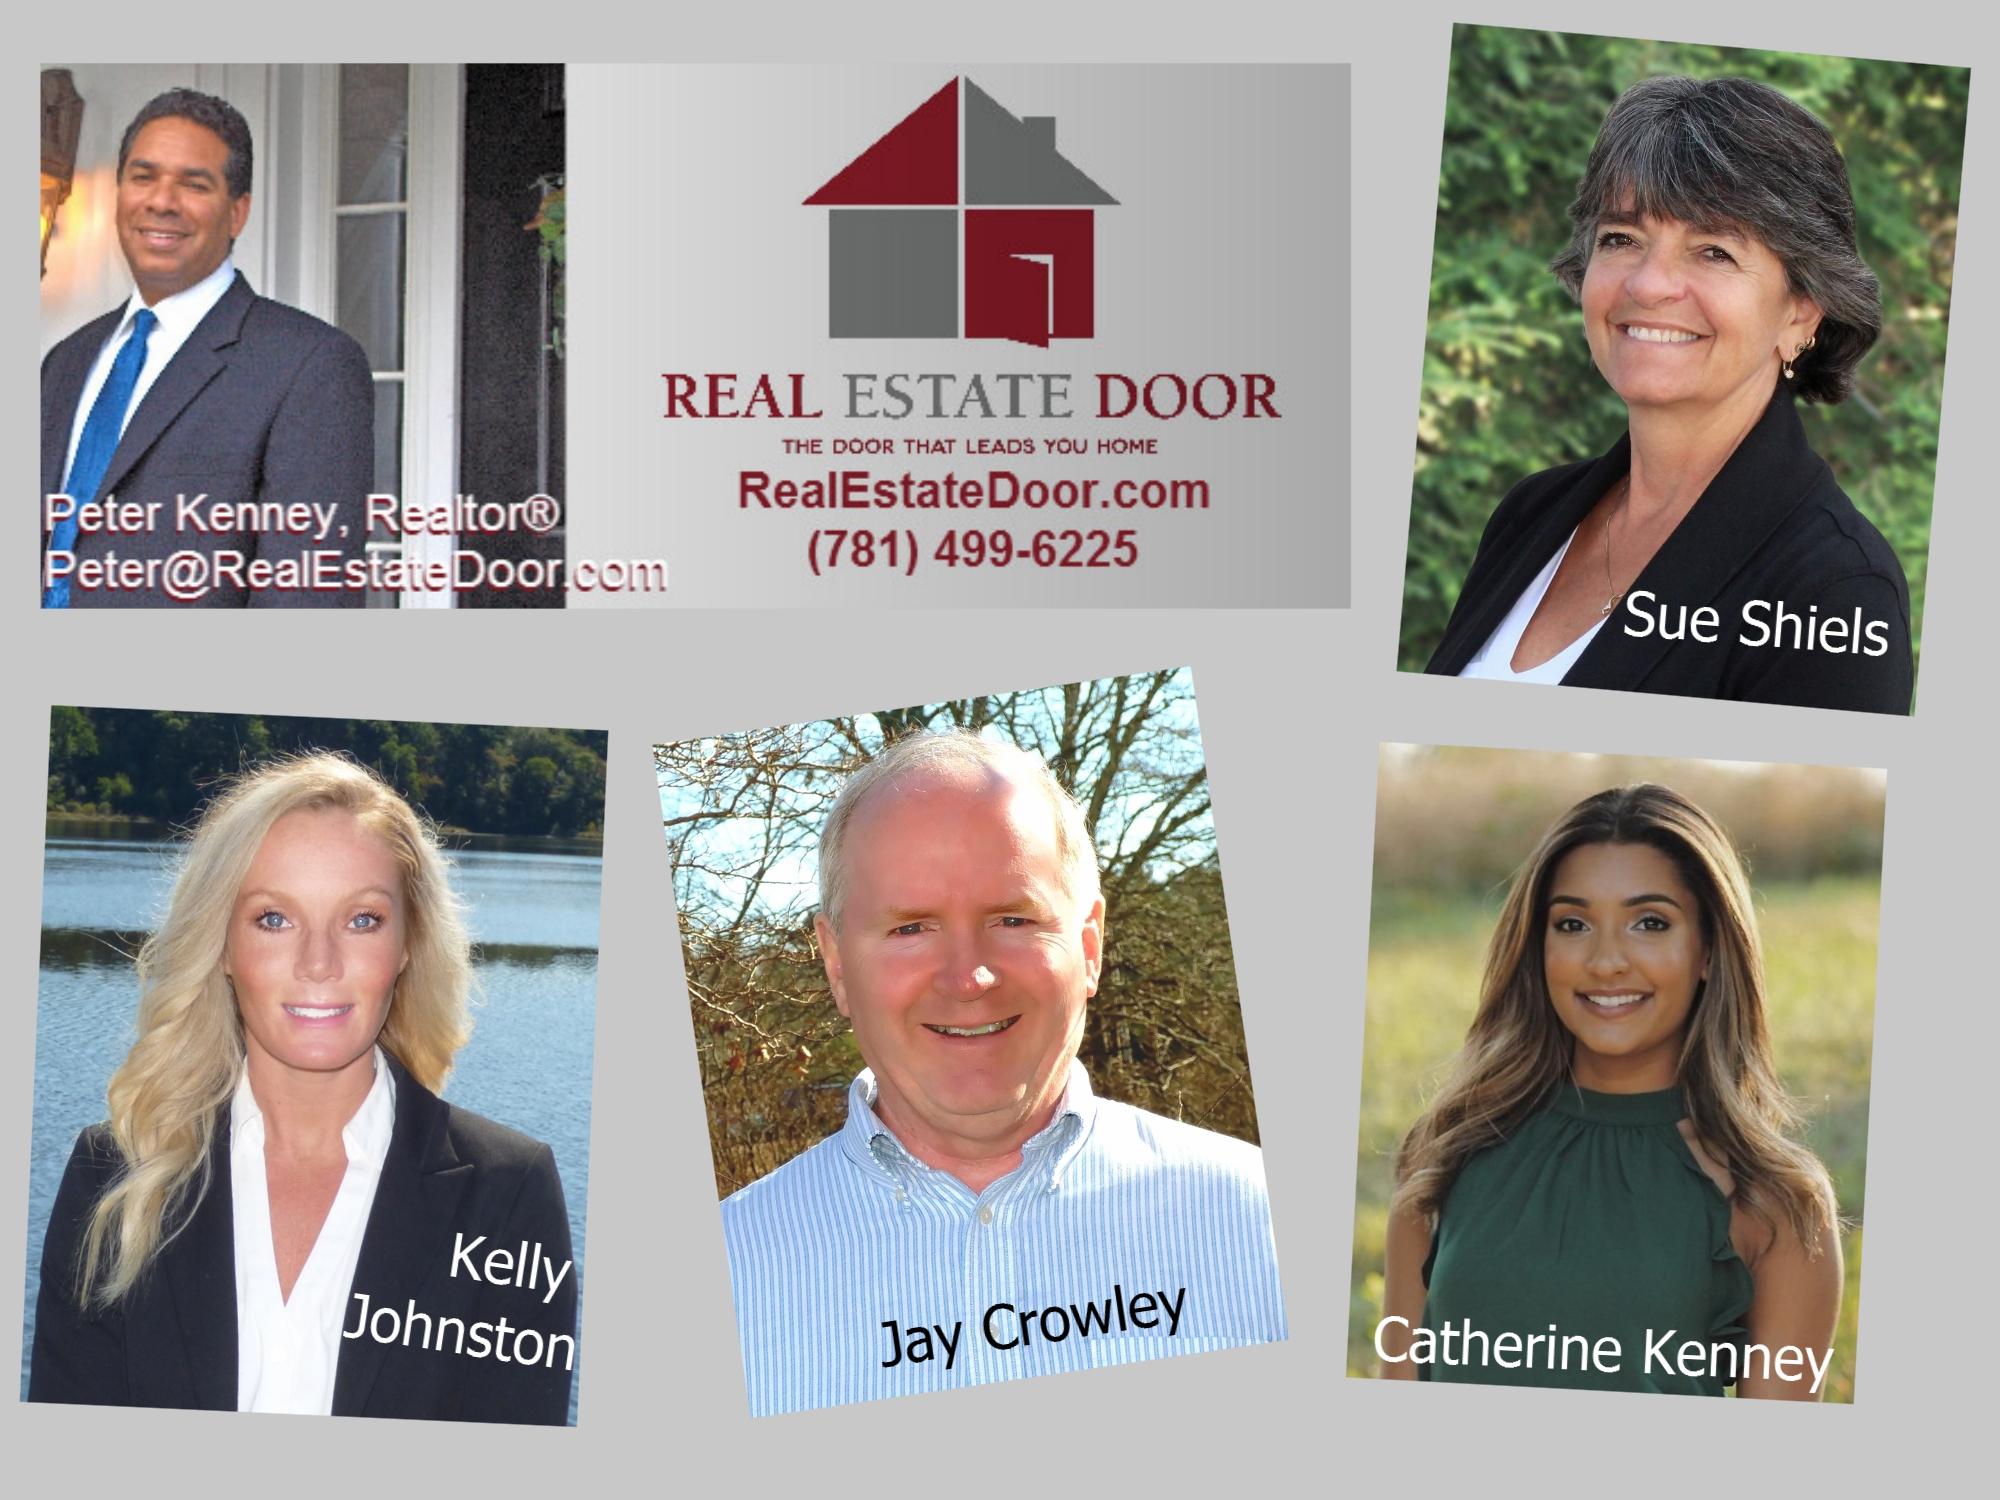 Real Estate Door - Podcast Team